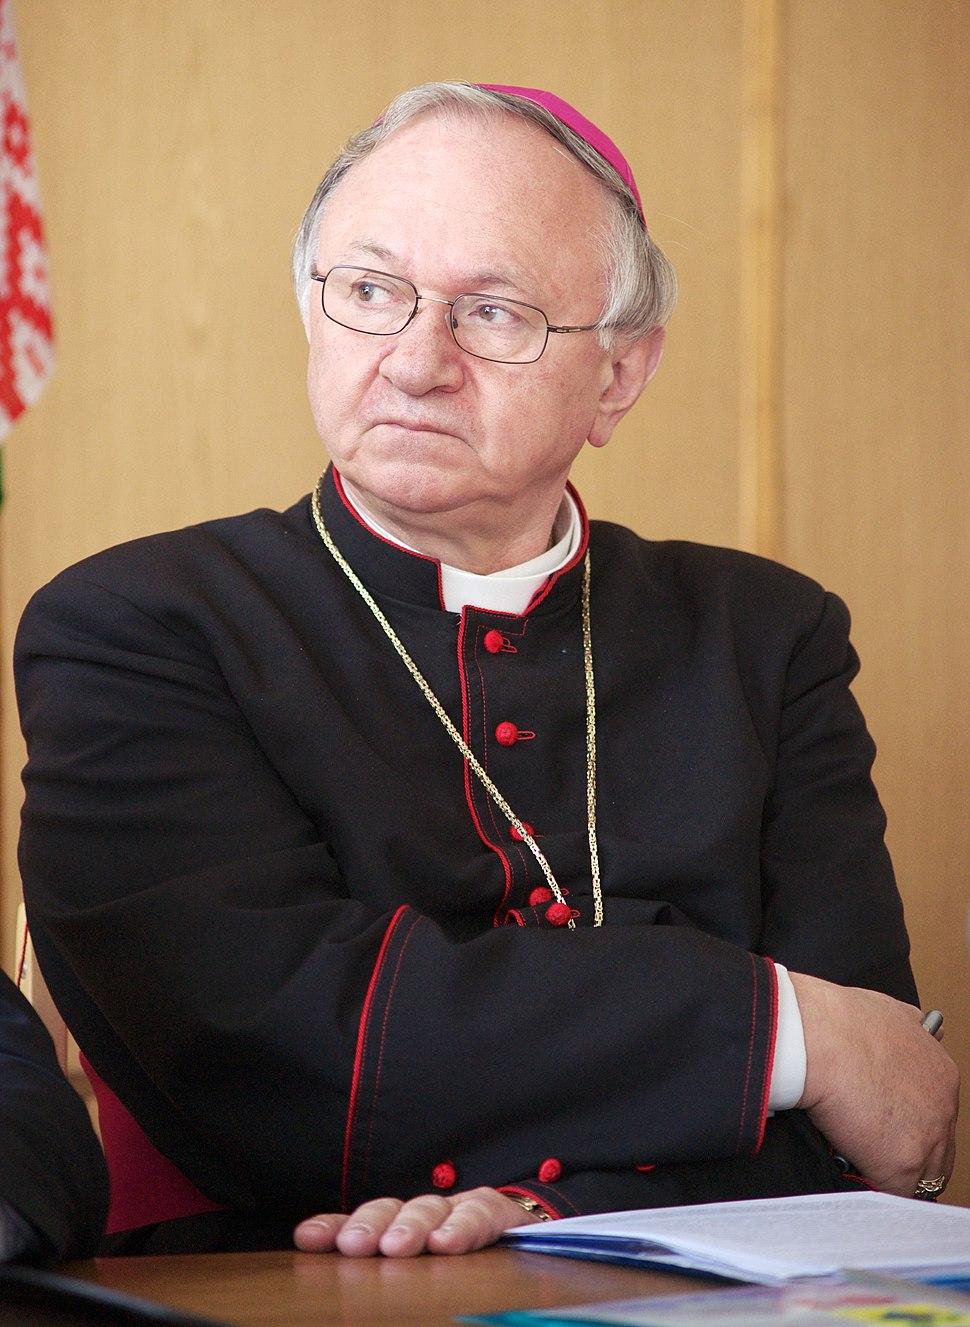 Zygmunt Zimowski